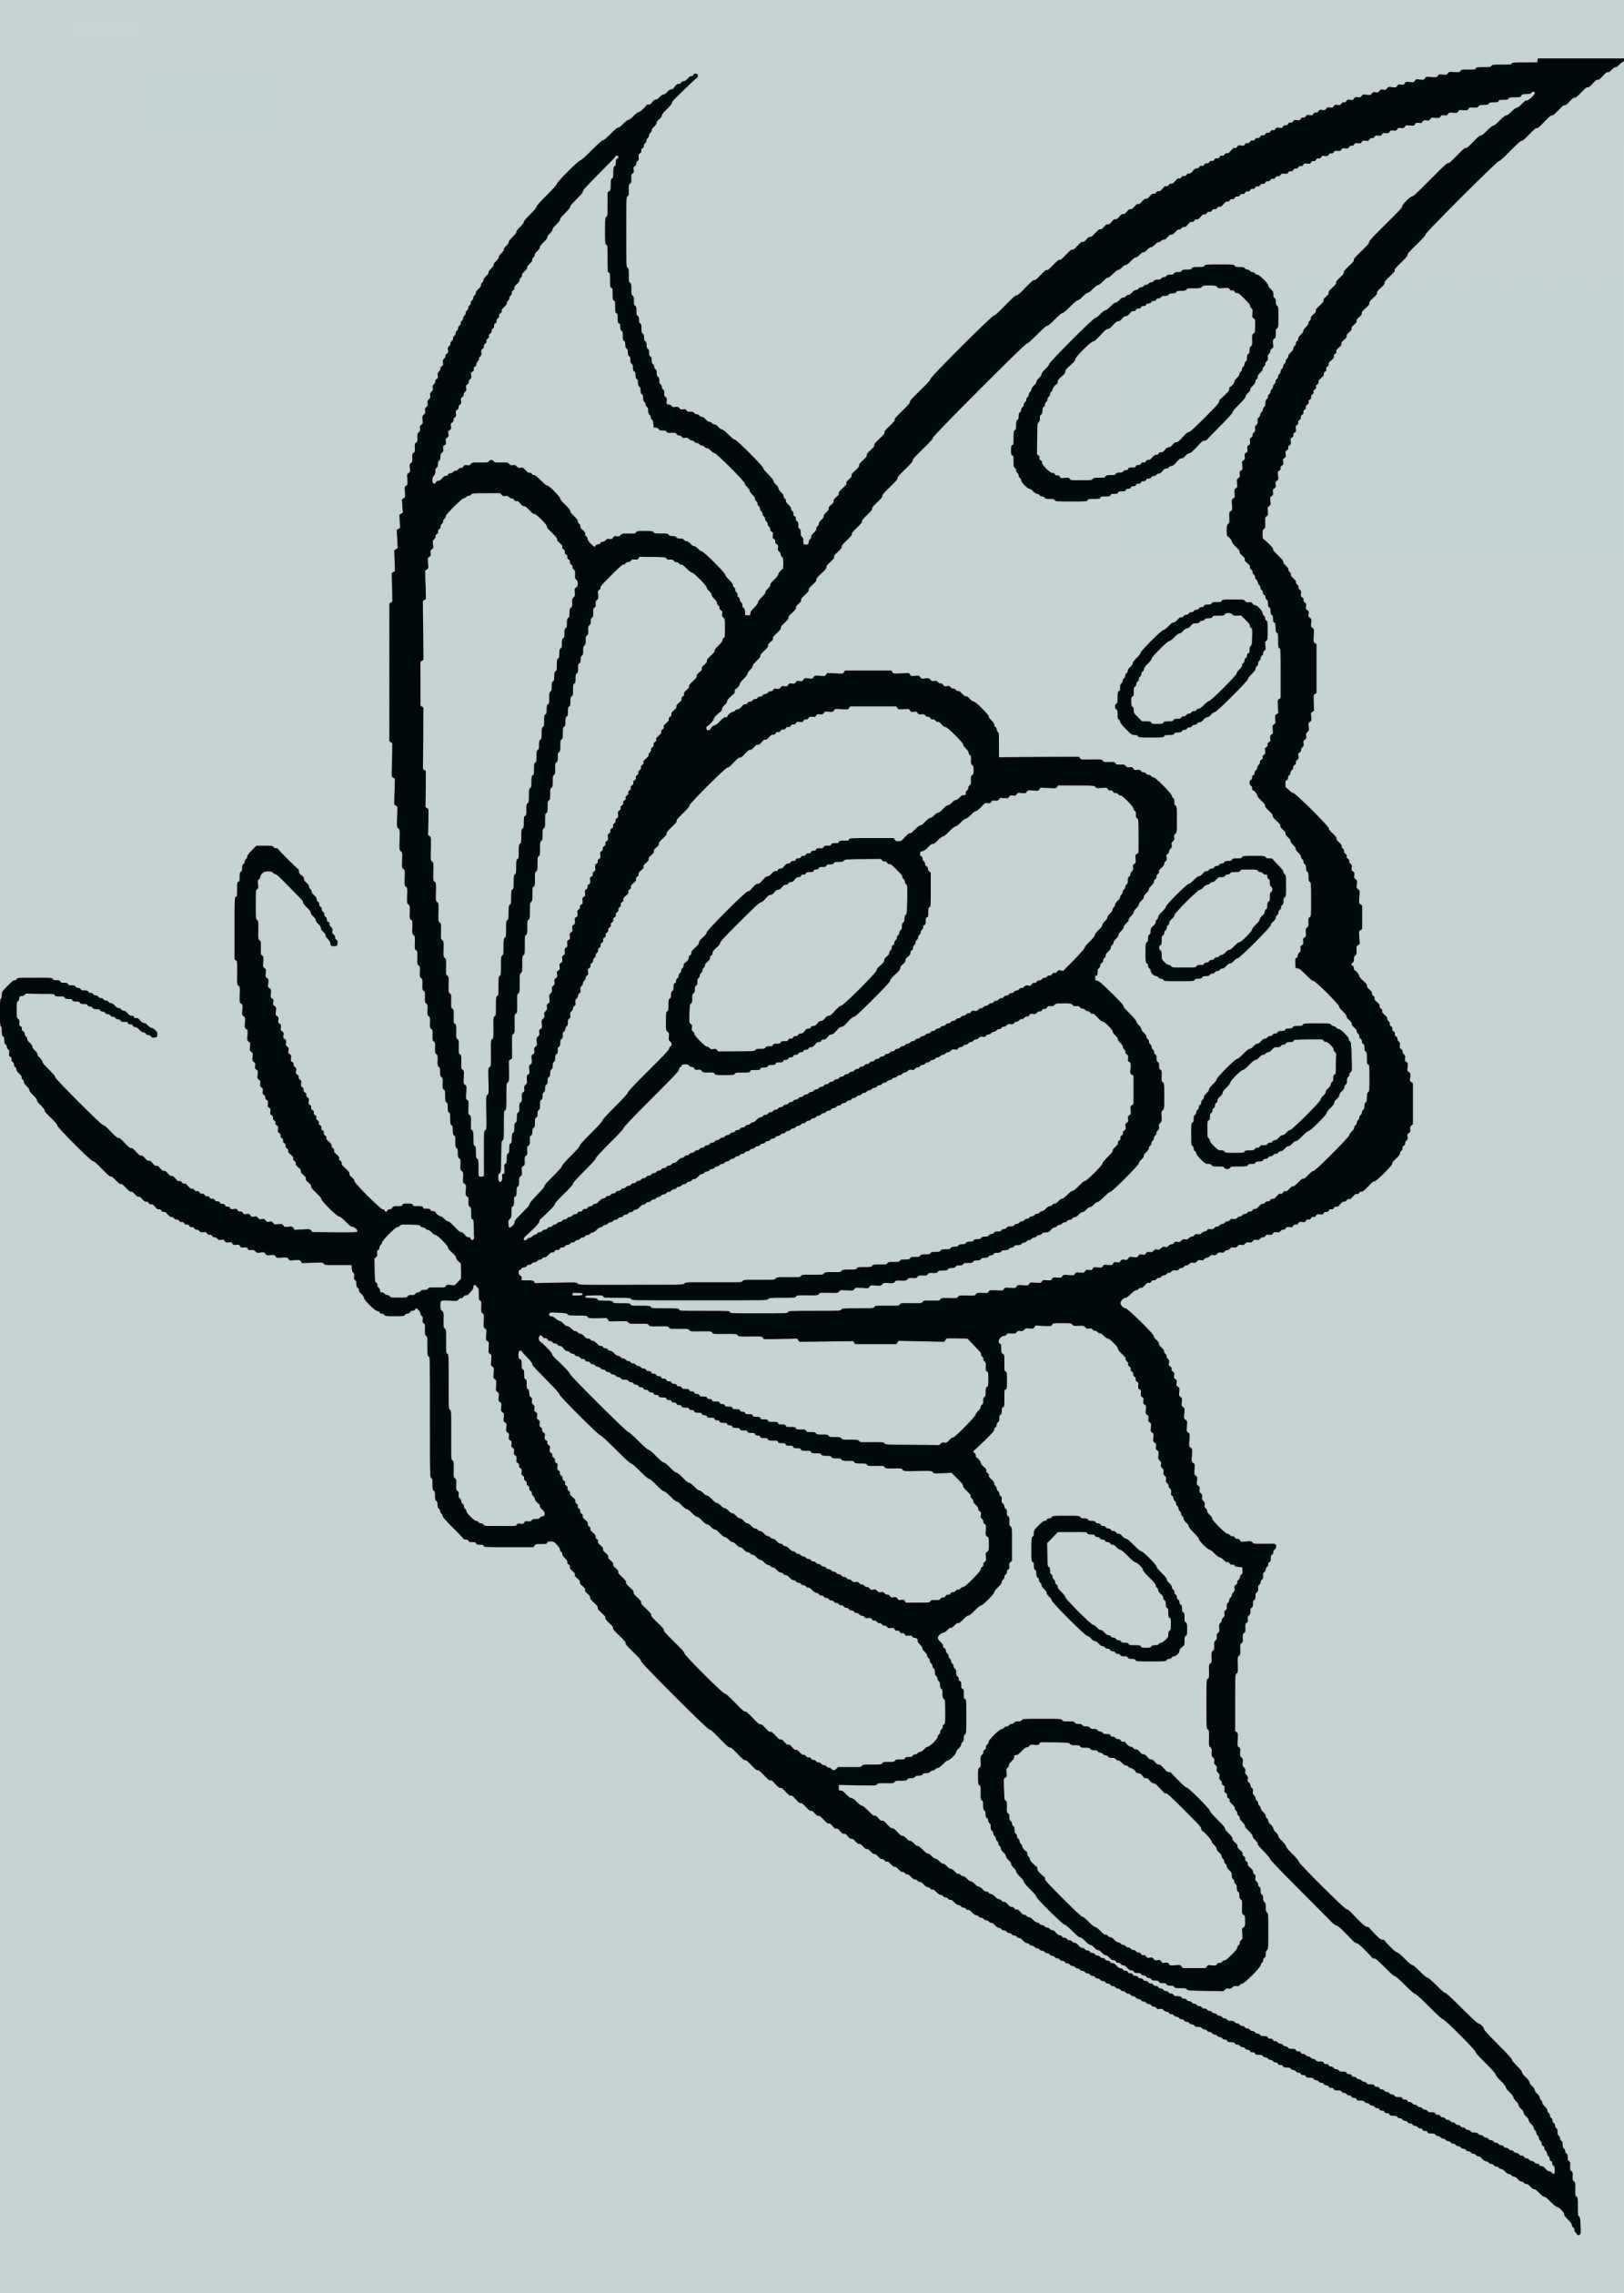 Neu Schmetterling Vorlagen Malvorlagen Malvorlagenfurkinder Malvorlagenfurerwachsene Schmetterling Vorlage Schmetterling Bilder Bilder Zum Ausmalen